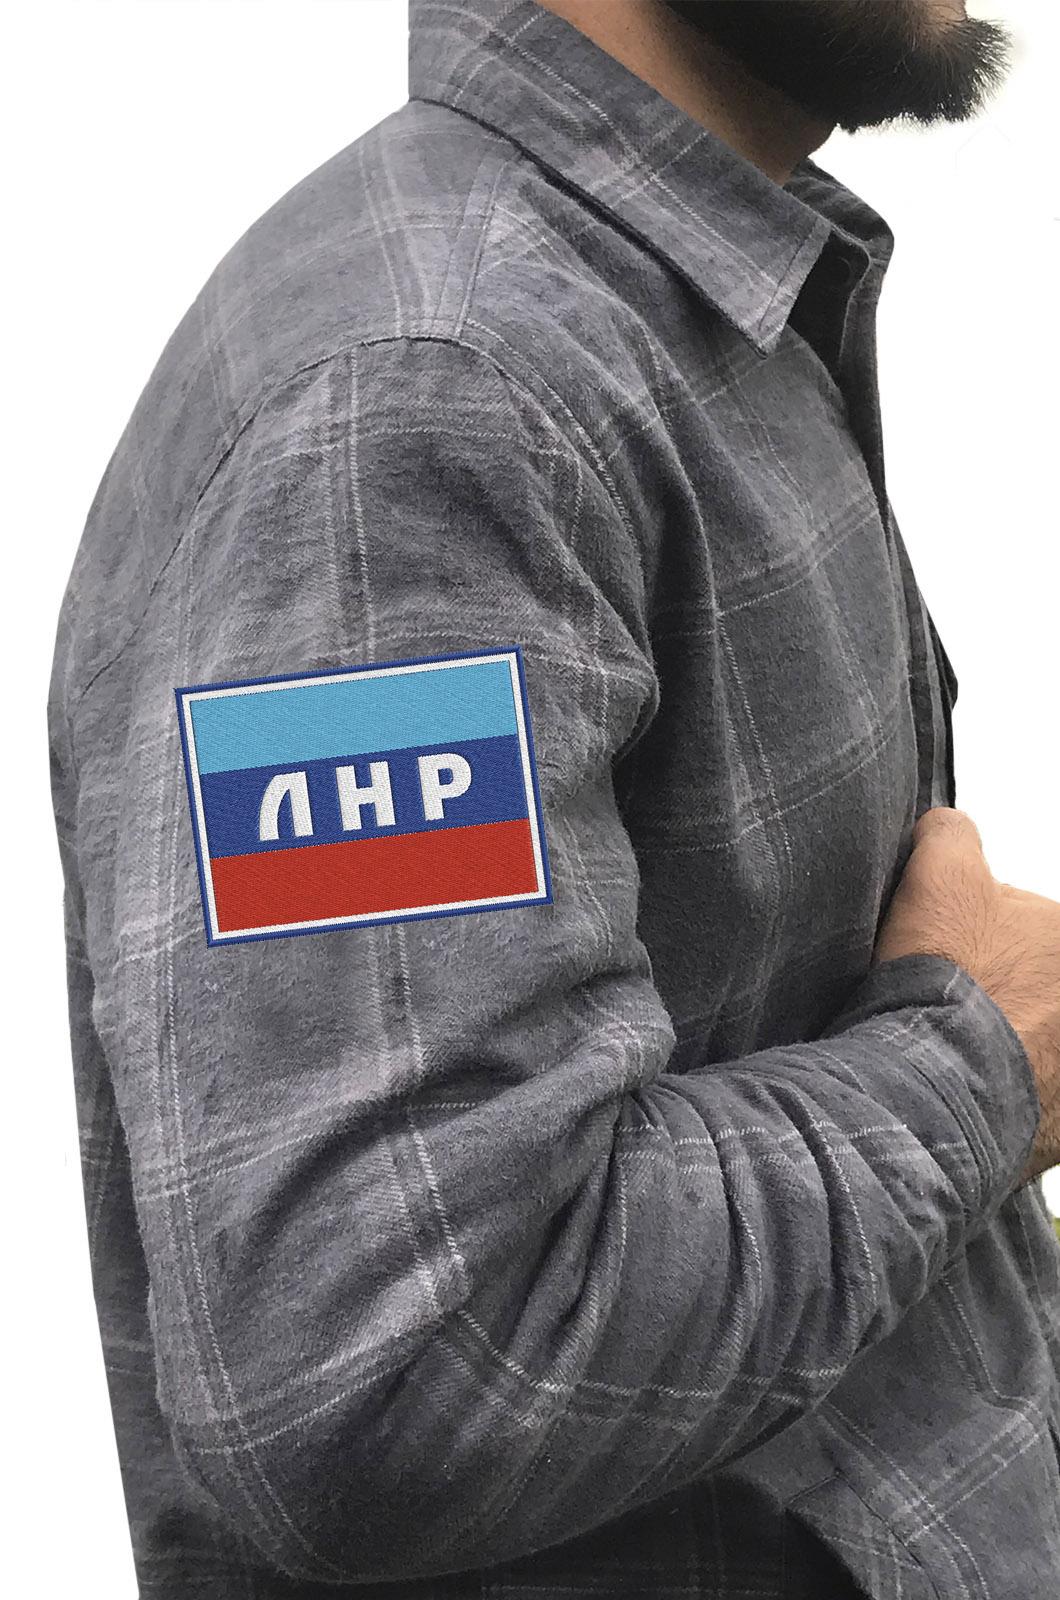 Надежная рубашка с вышитым шевроном ЛНР - купить по лучшей цене